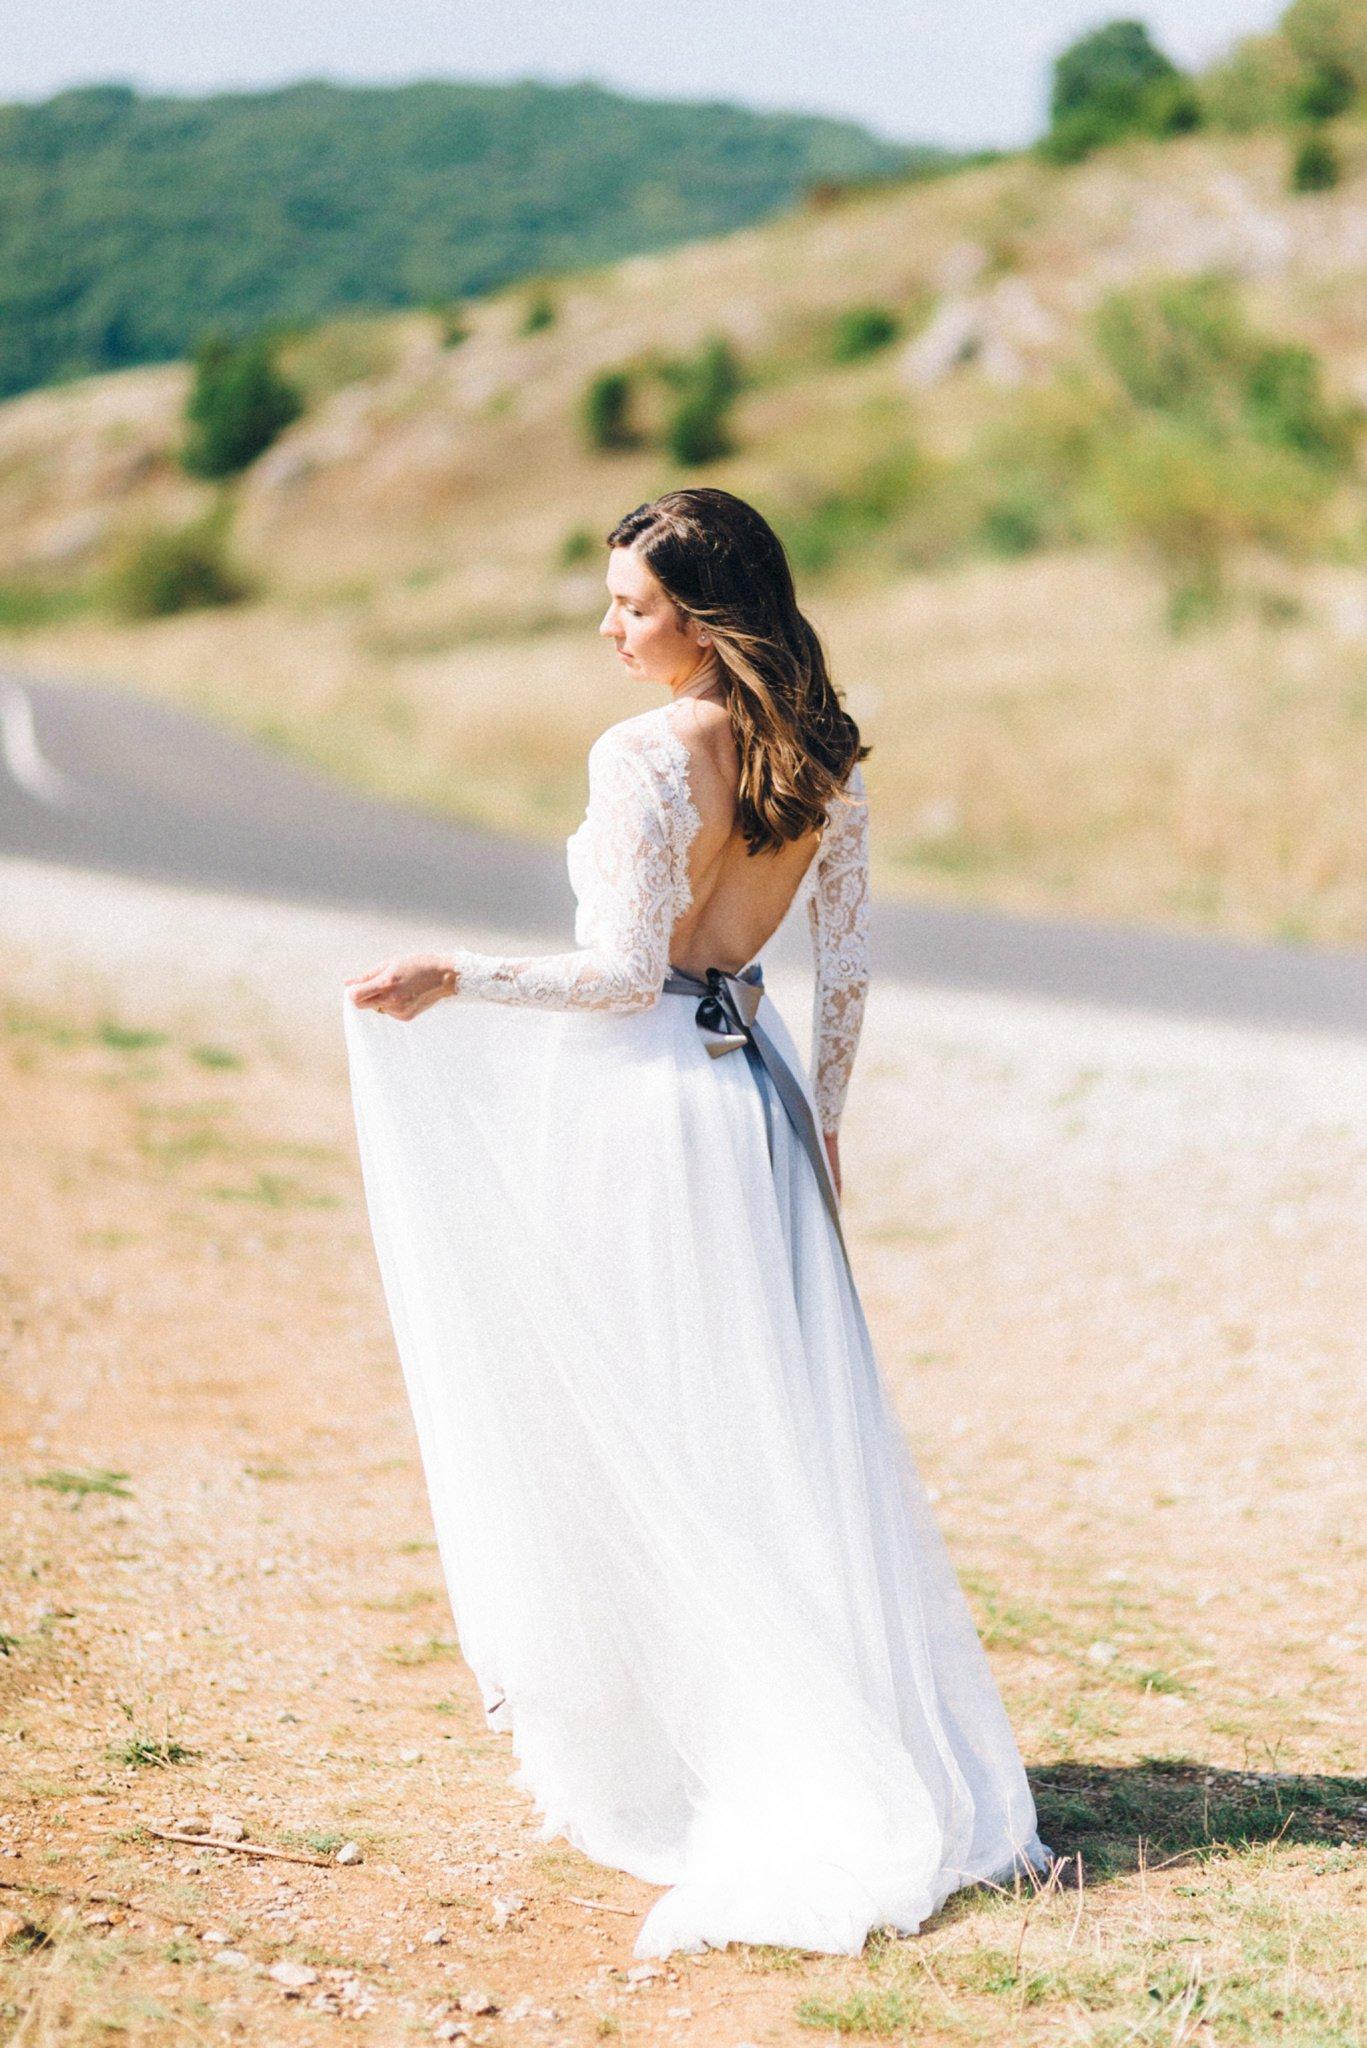 36-bridal-chic-portrai